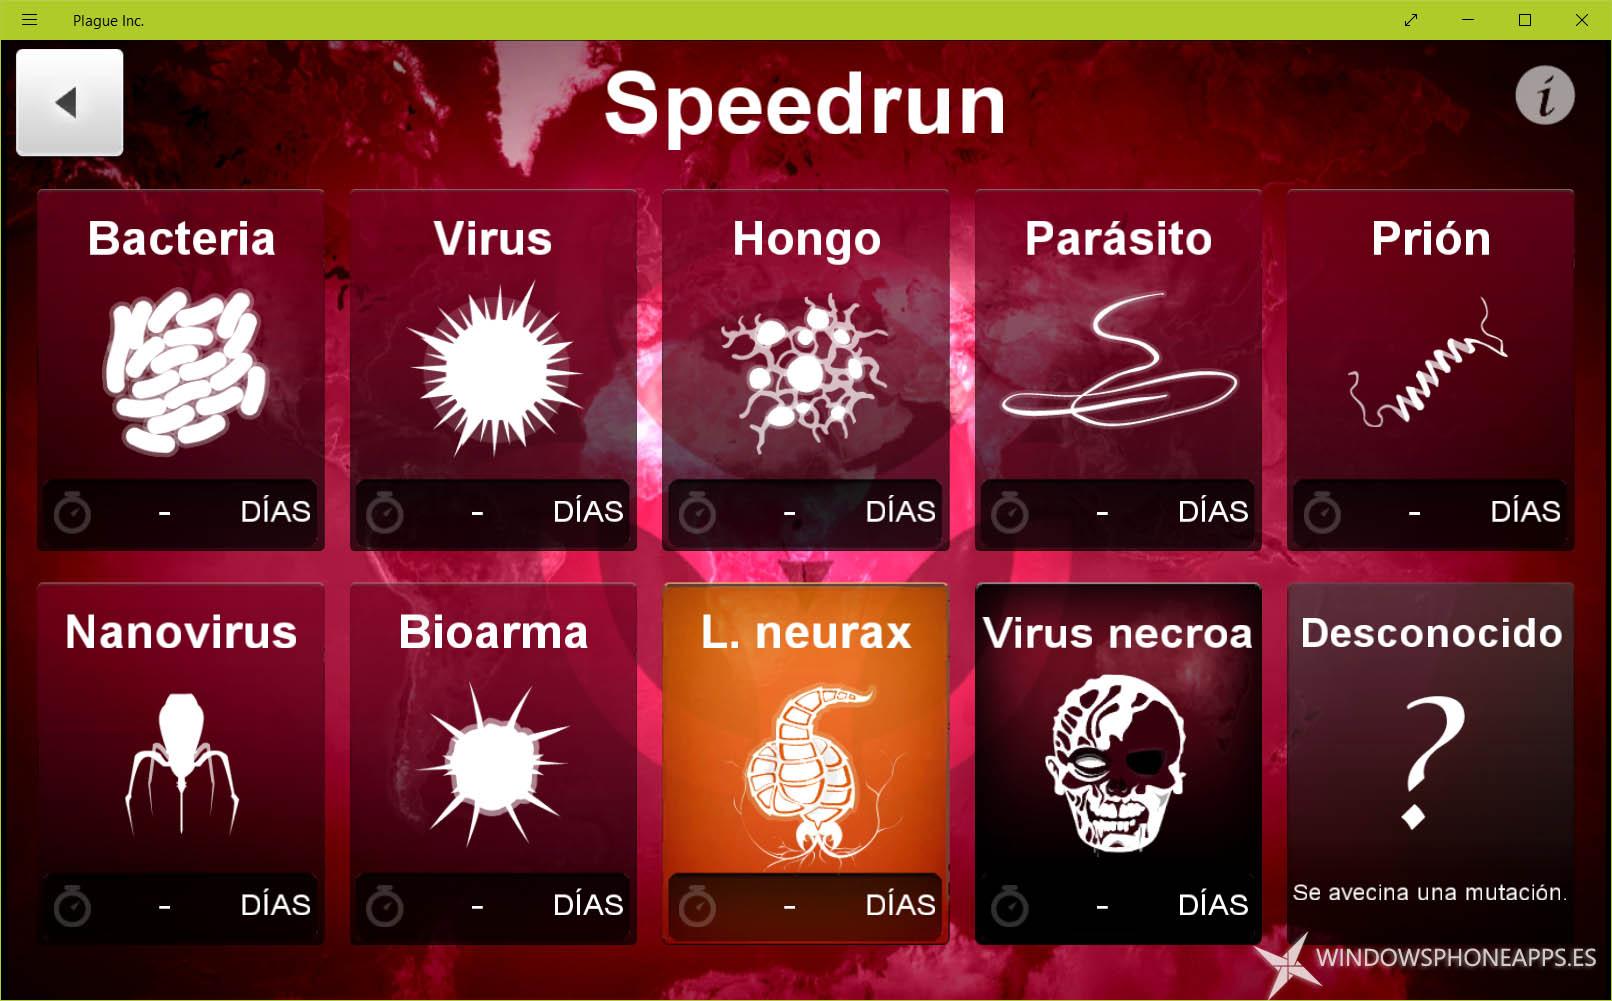 Plague SpeedRun